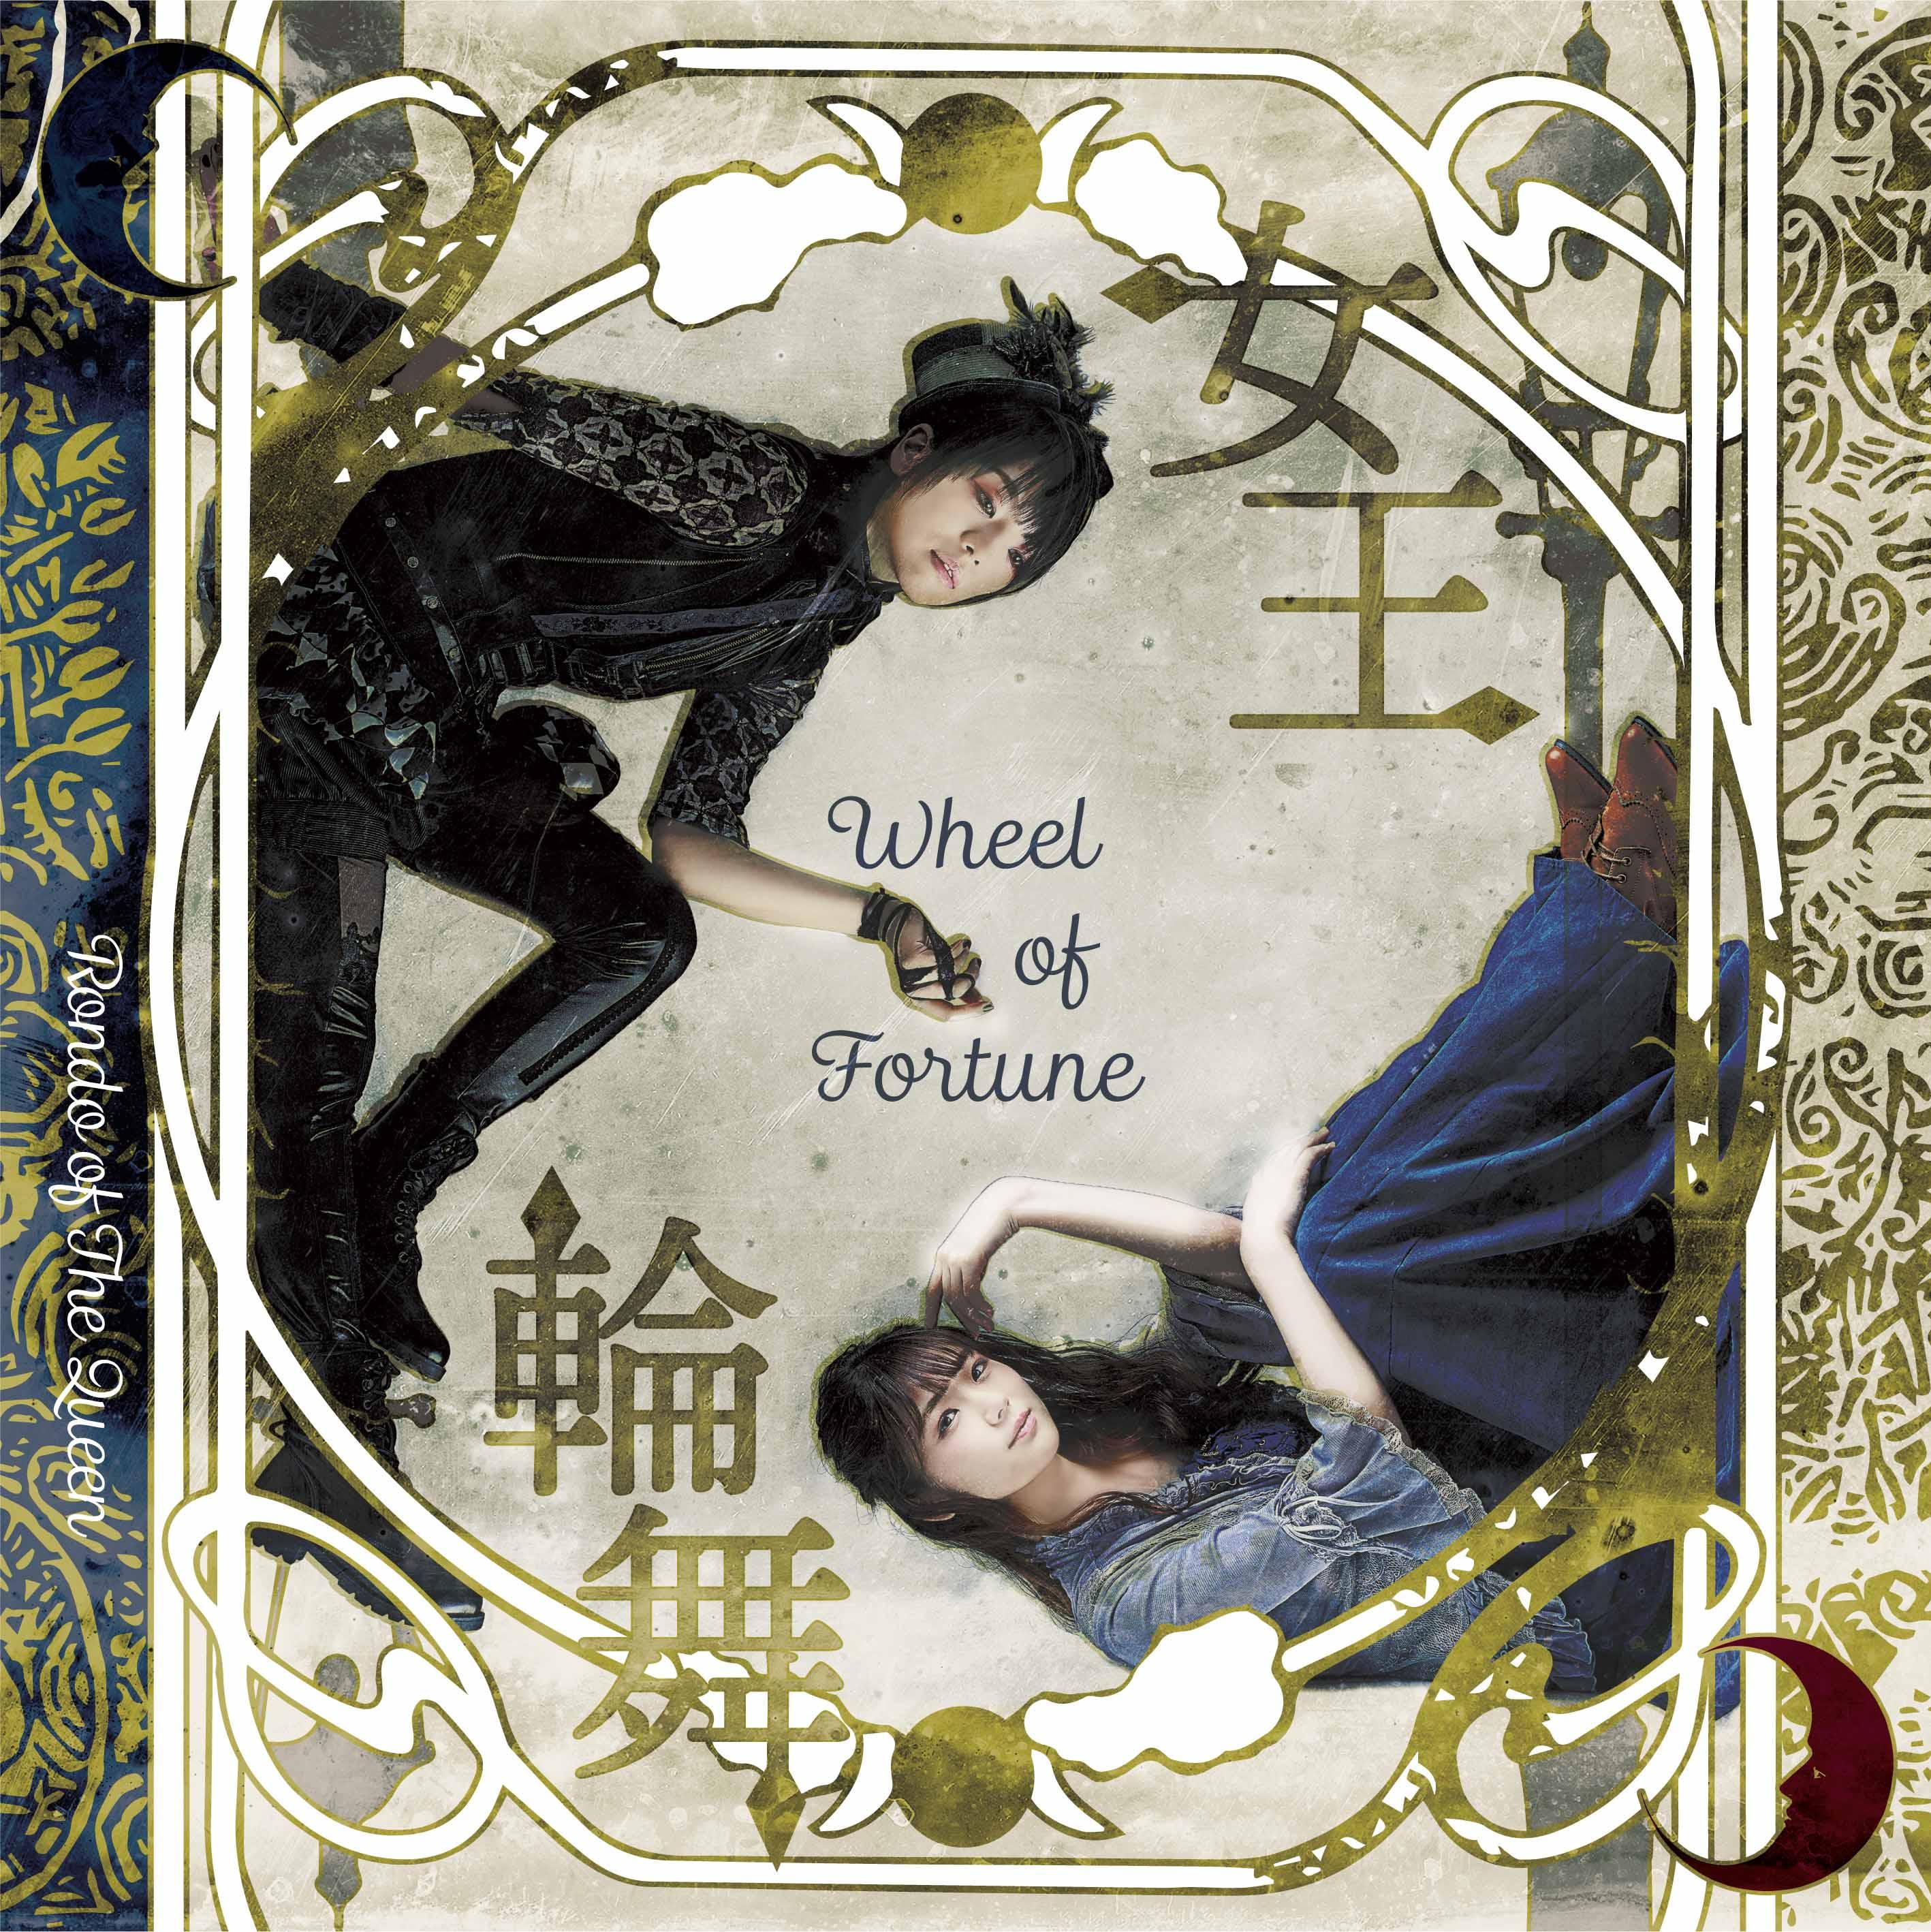 【1月27日(水)19:00】舞台「女王輪舞」